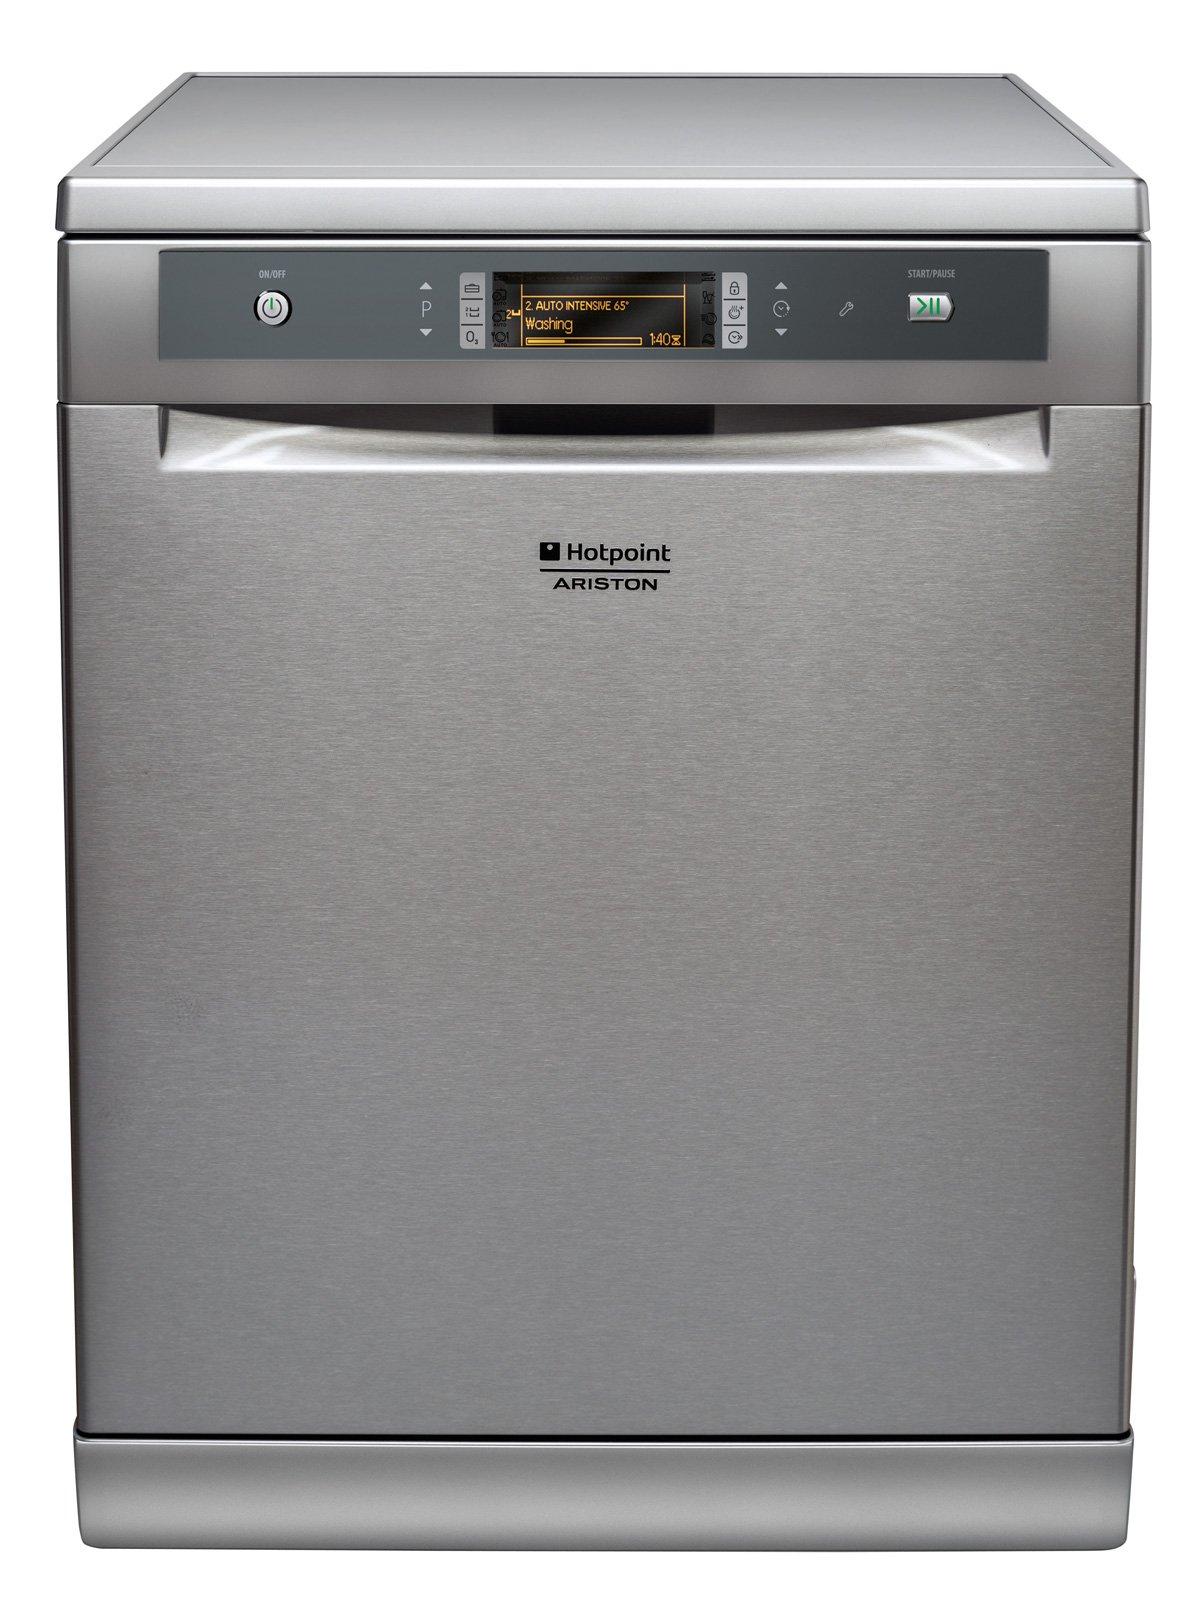 Lavastoviglie dalle grandi capacit e dai bassi consumi for La lavastoviglie